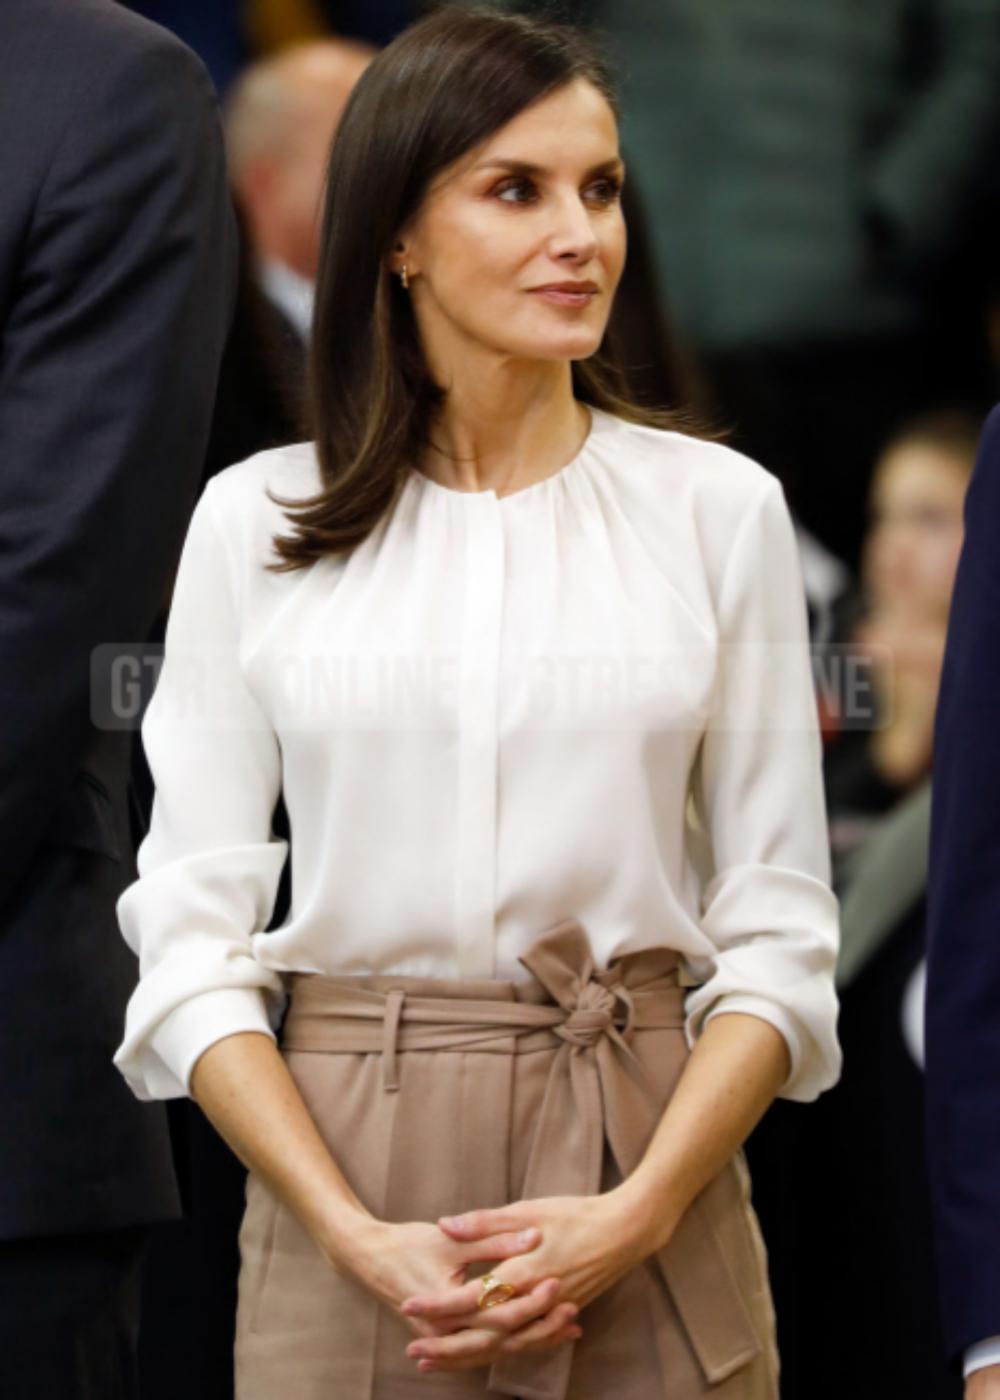 La reina Letizia lleva años luciendo anillos pero sus uñas sin pintar y muy cortas.